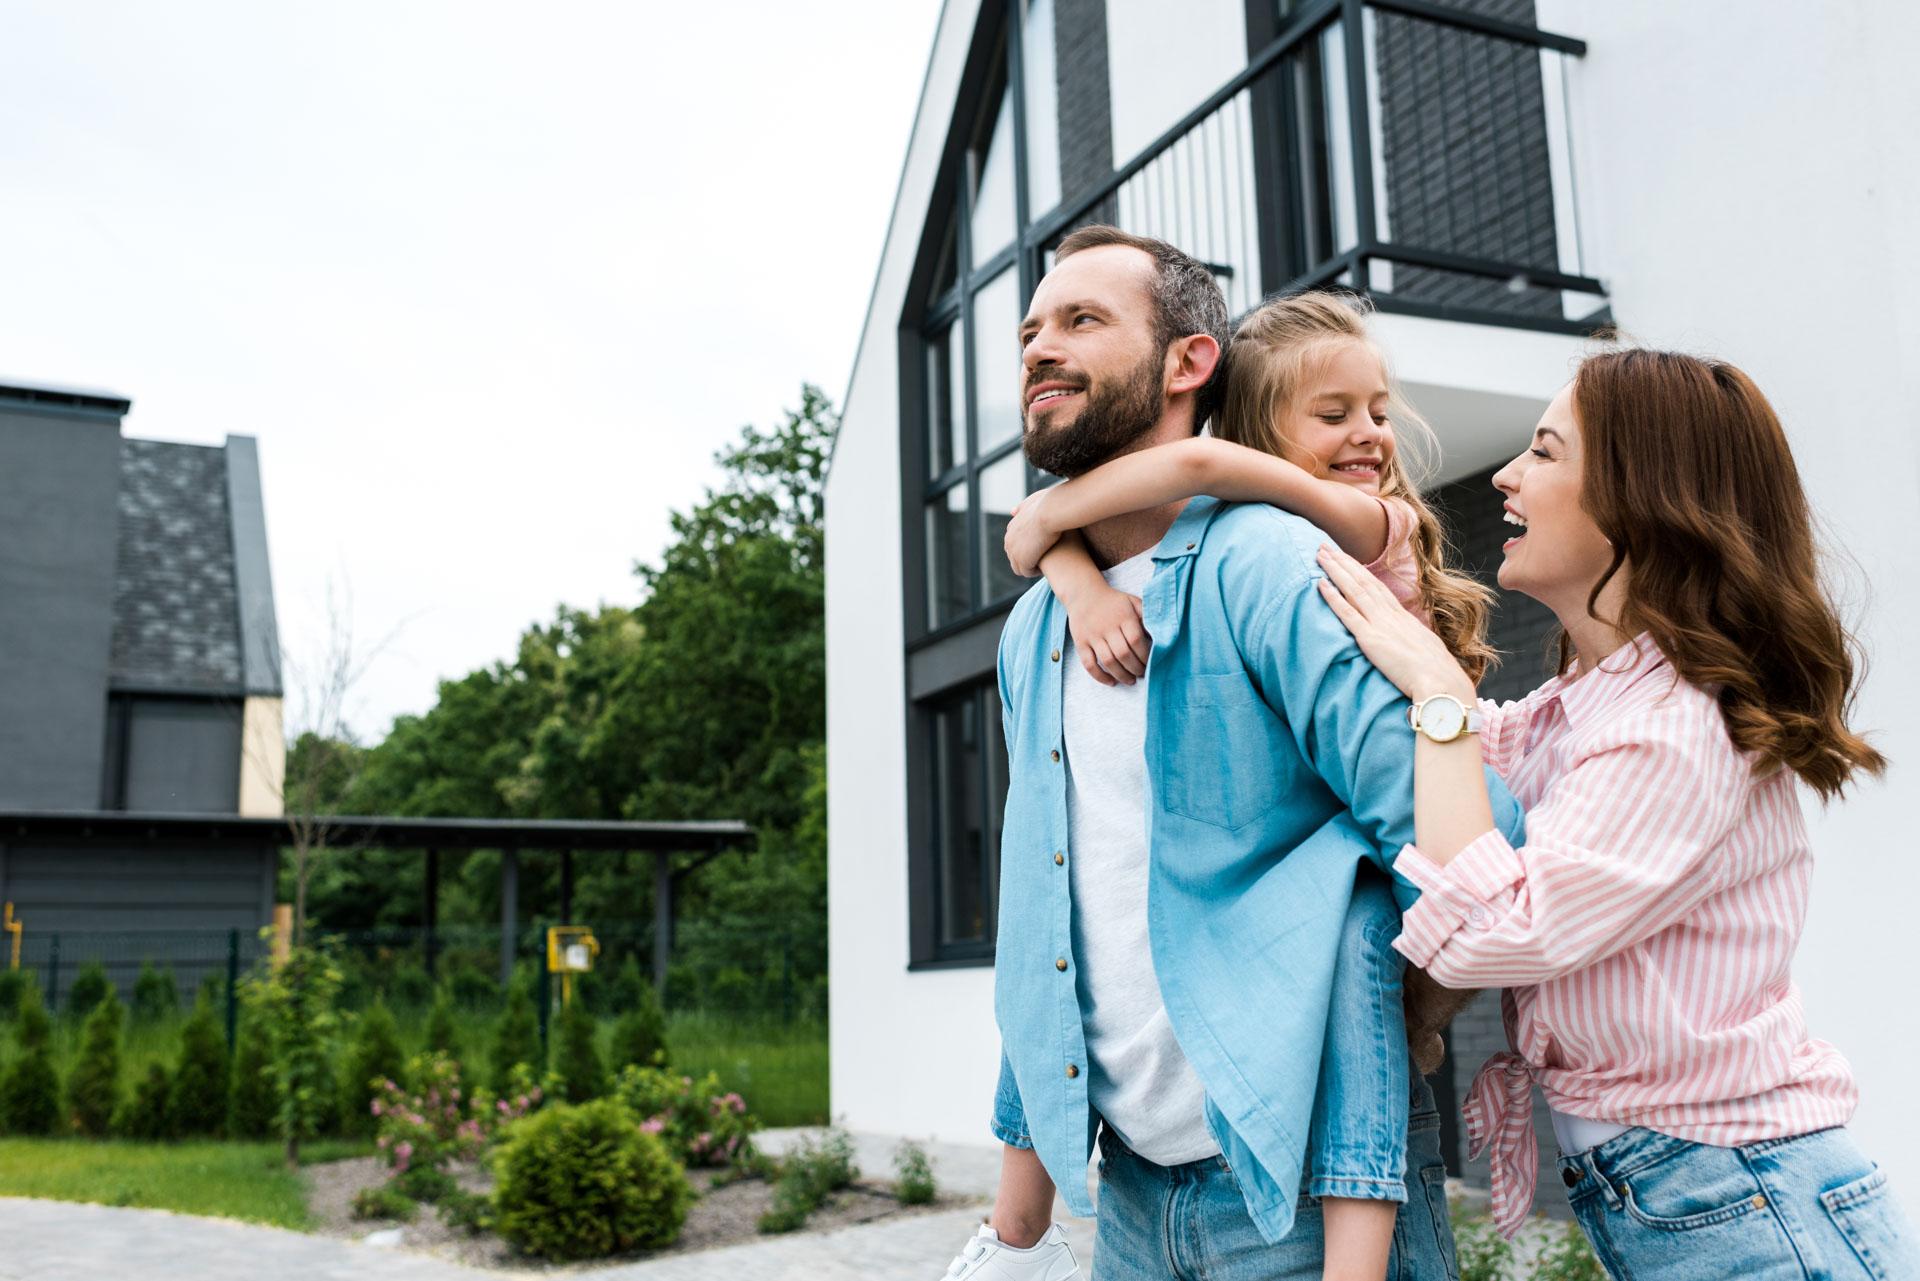 glücklicher Mann Huckepack Tochter in der Nähe fröhliche Frau und Haus